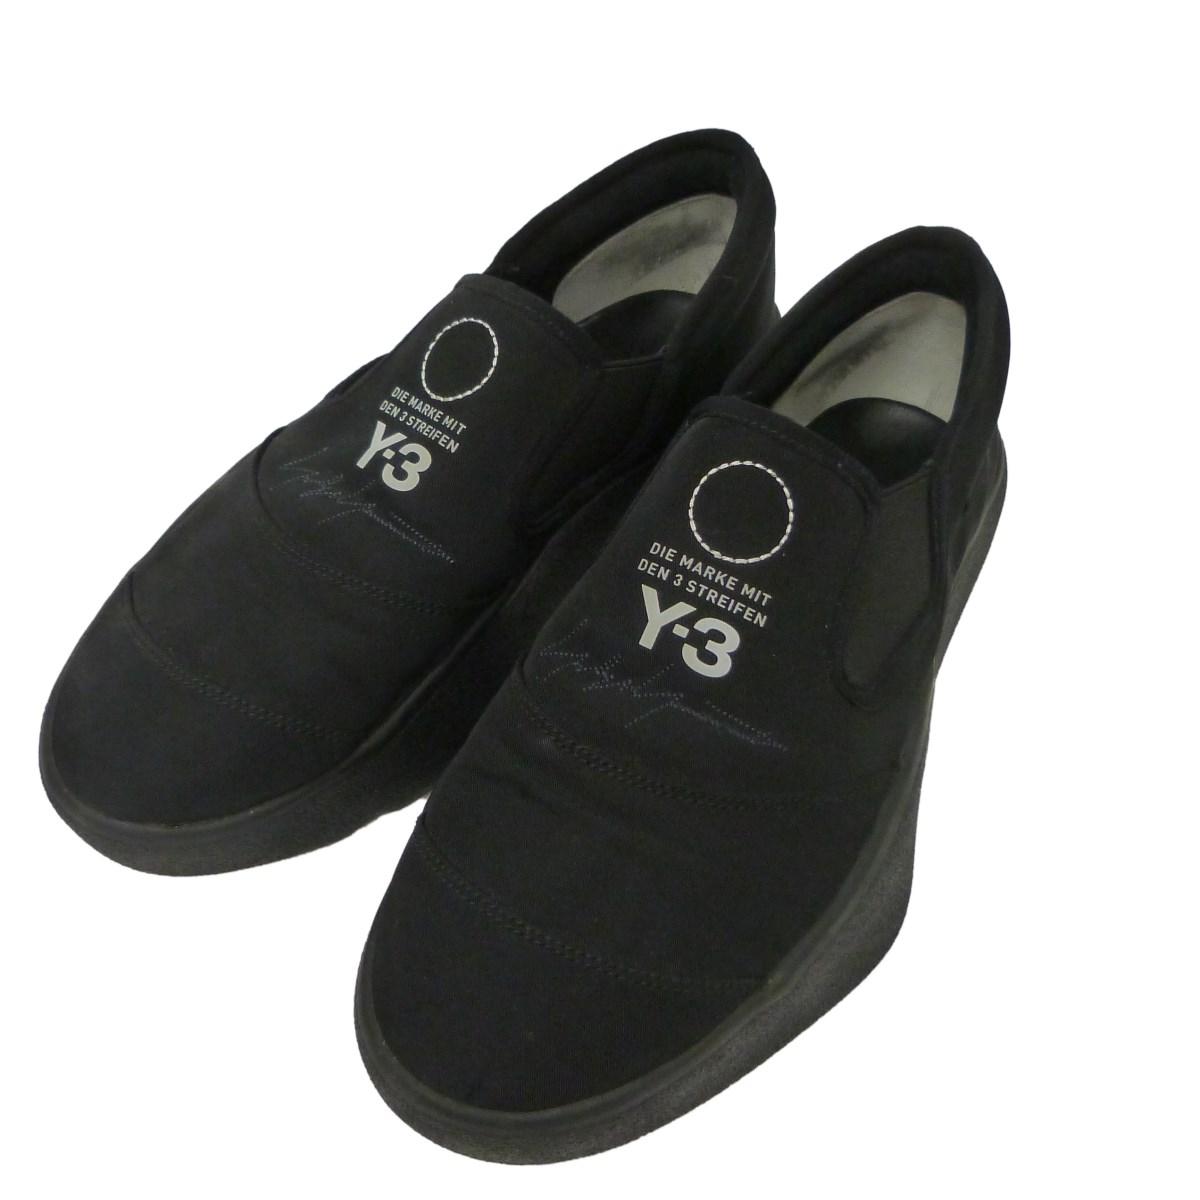 【中古】Y-3 「TANGUTSU」スニーカー ブラック サイズ:27cm 【261219】(ワイスリー)